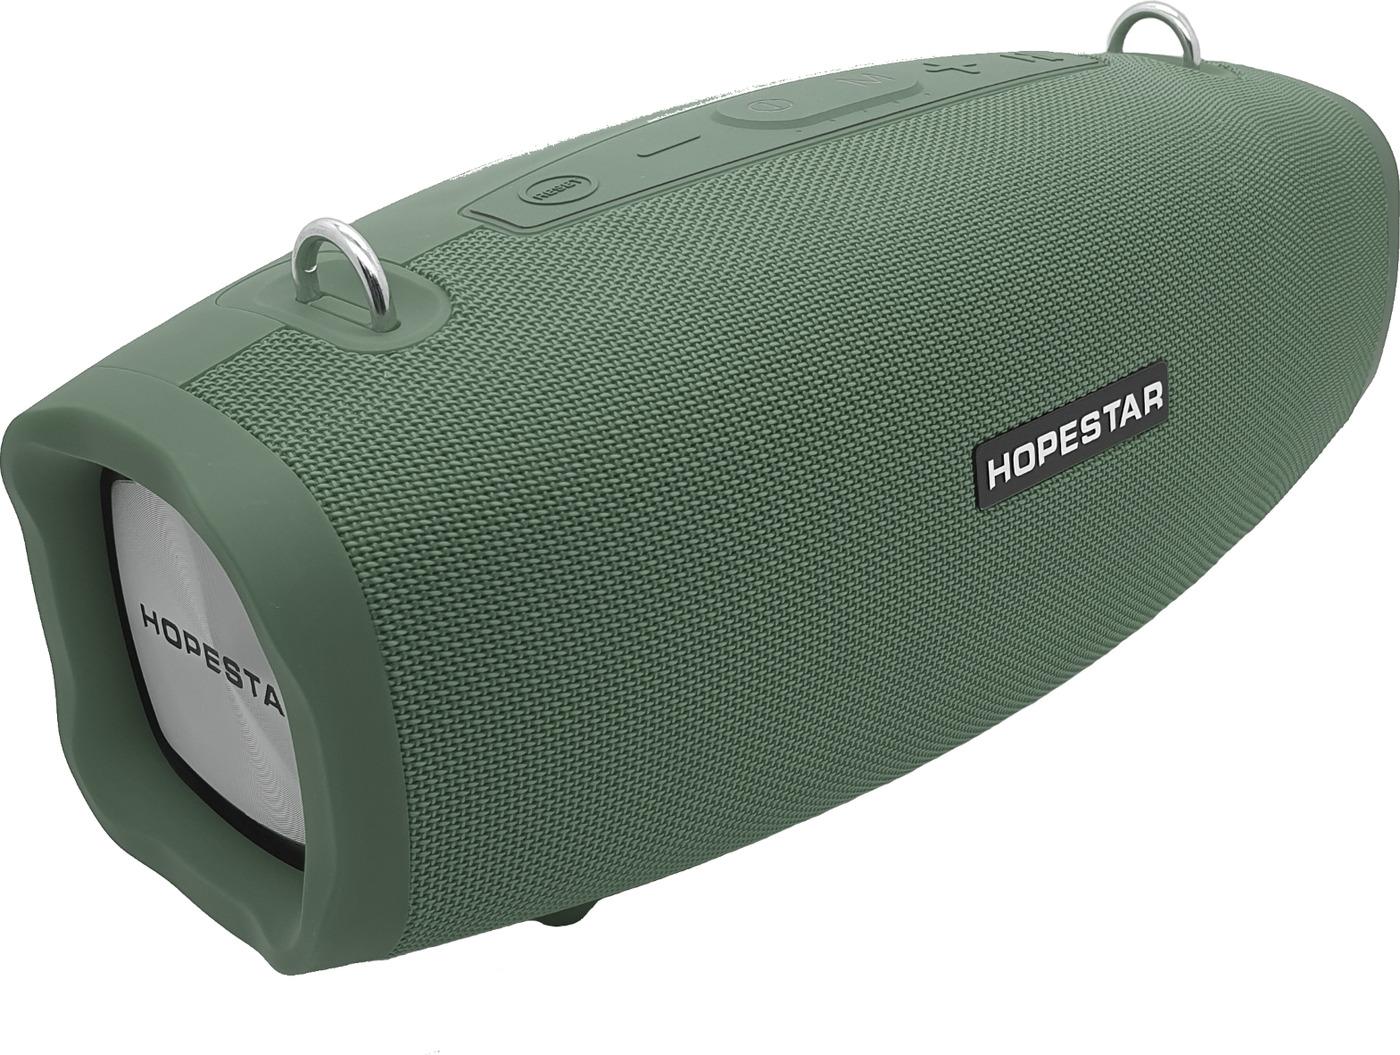 Портативная bluetooth колонка Hopestar X 40Вт зеленая